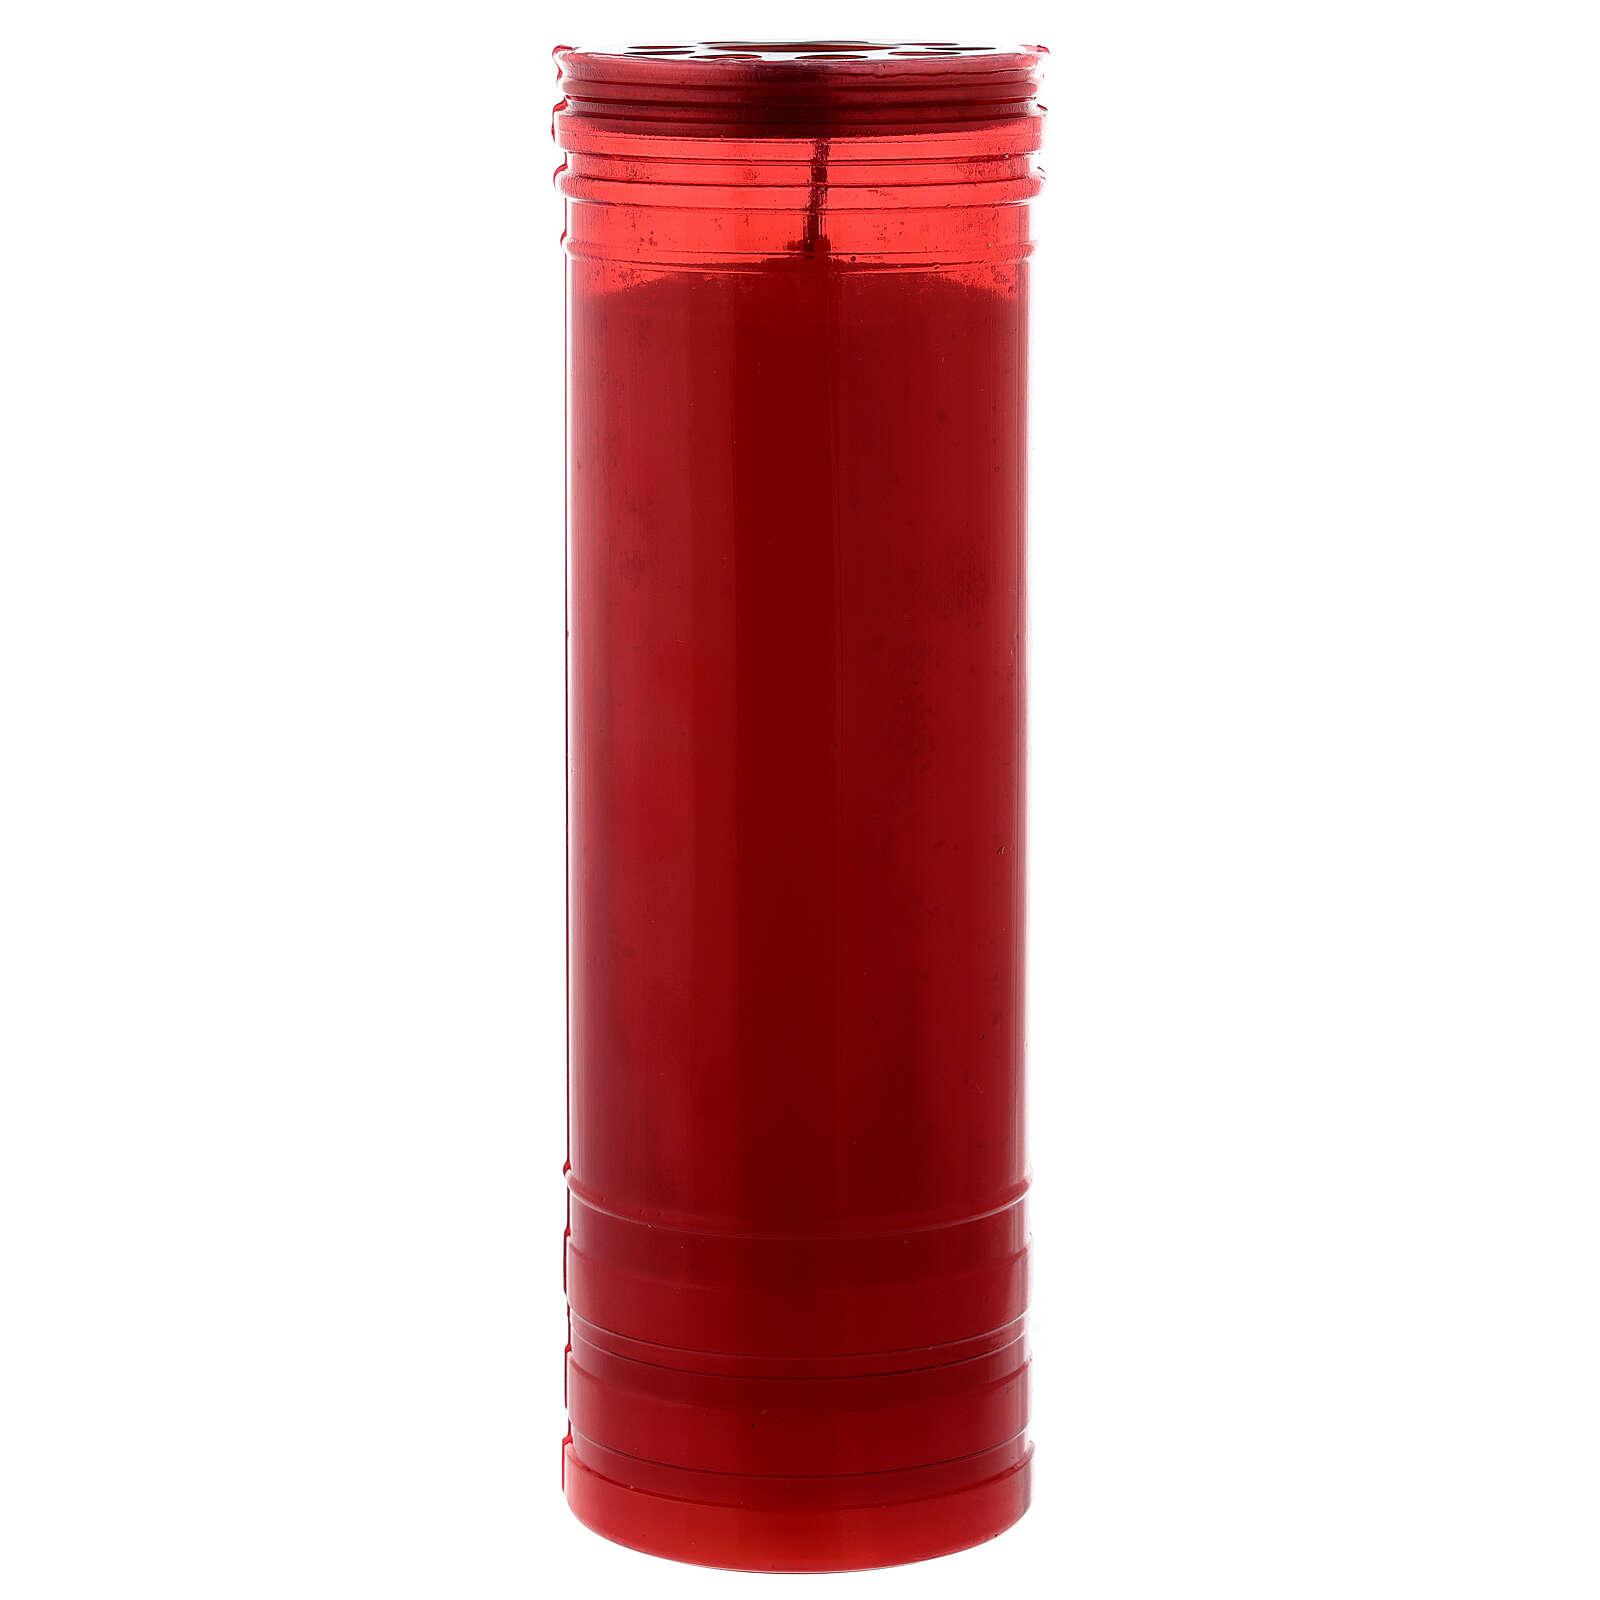 Kerze für den Allerheiligsten - Plastiking 3